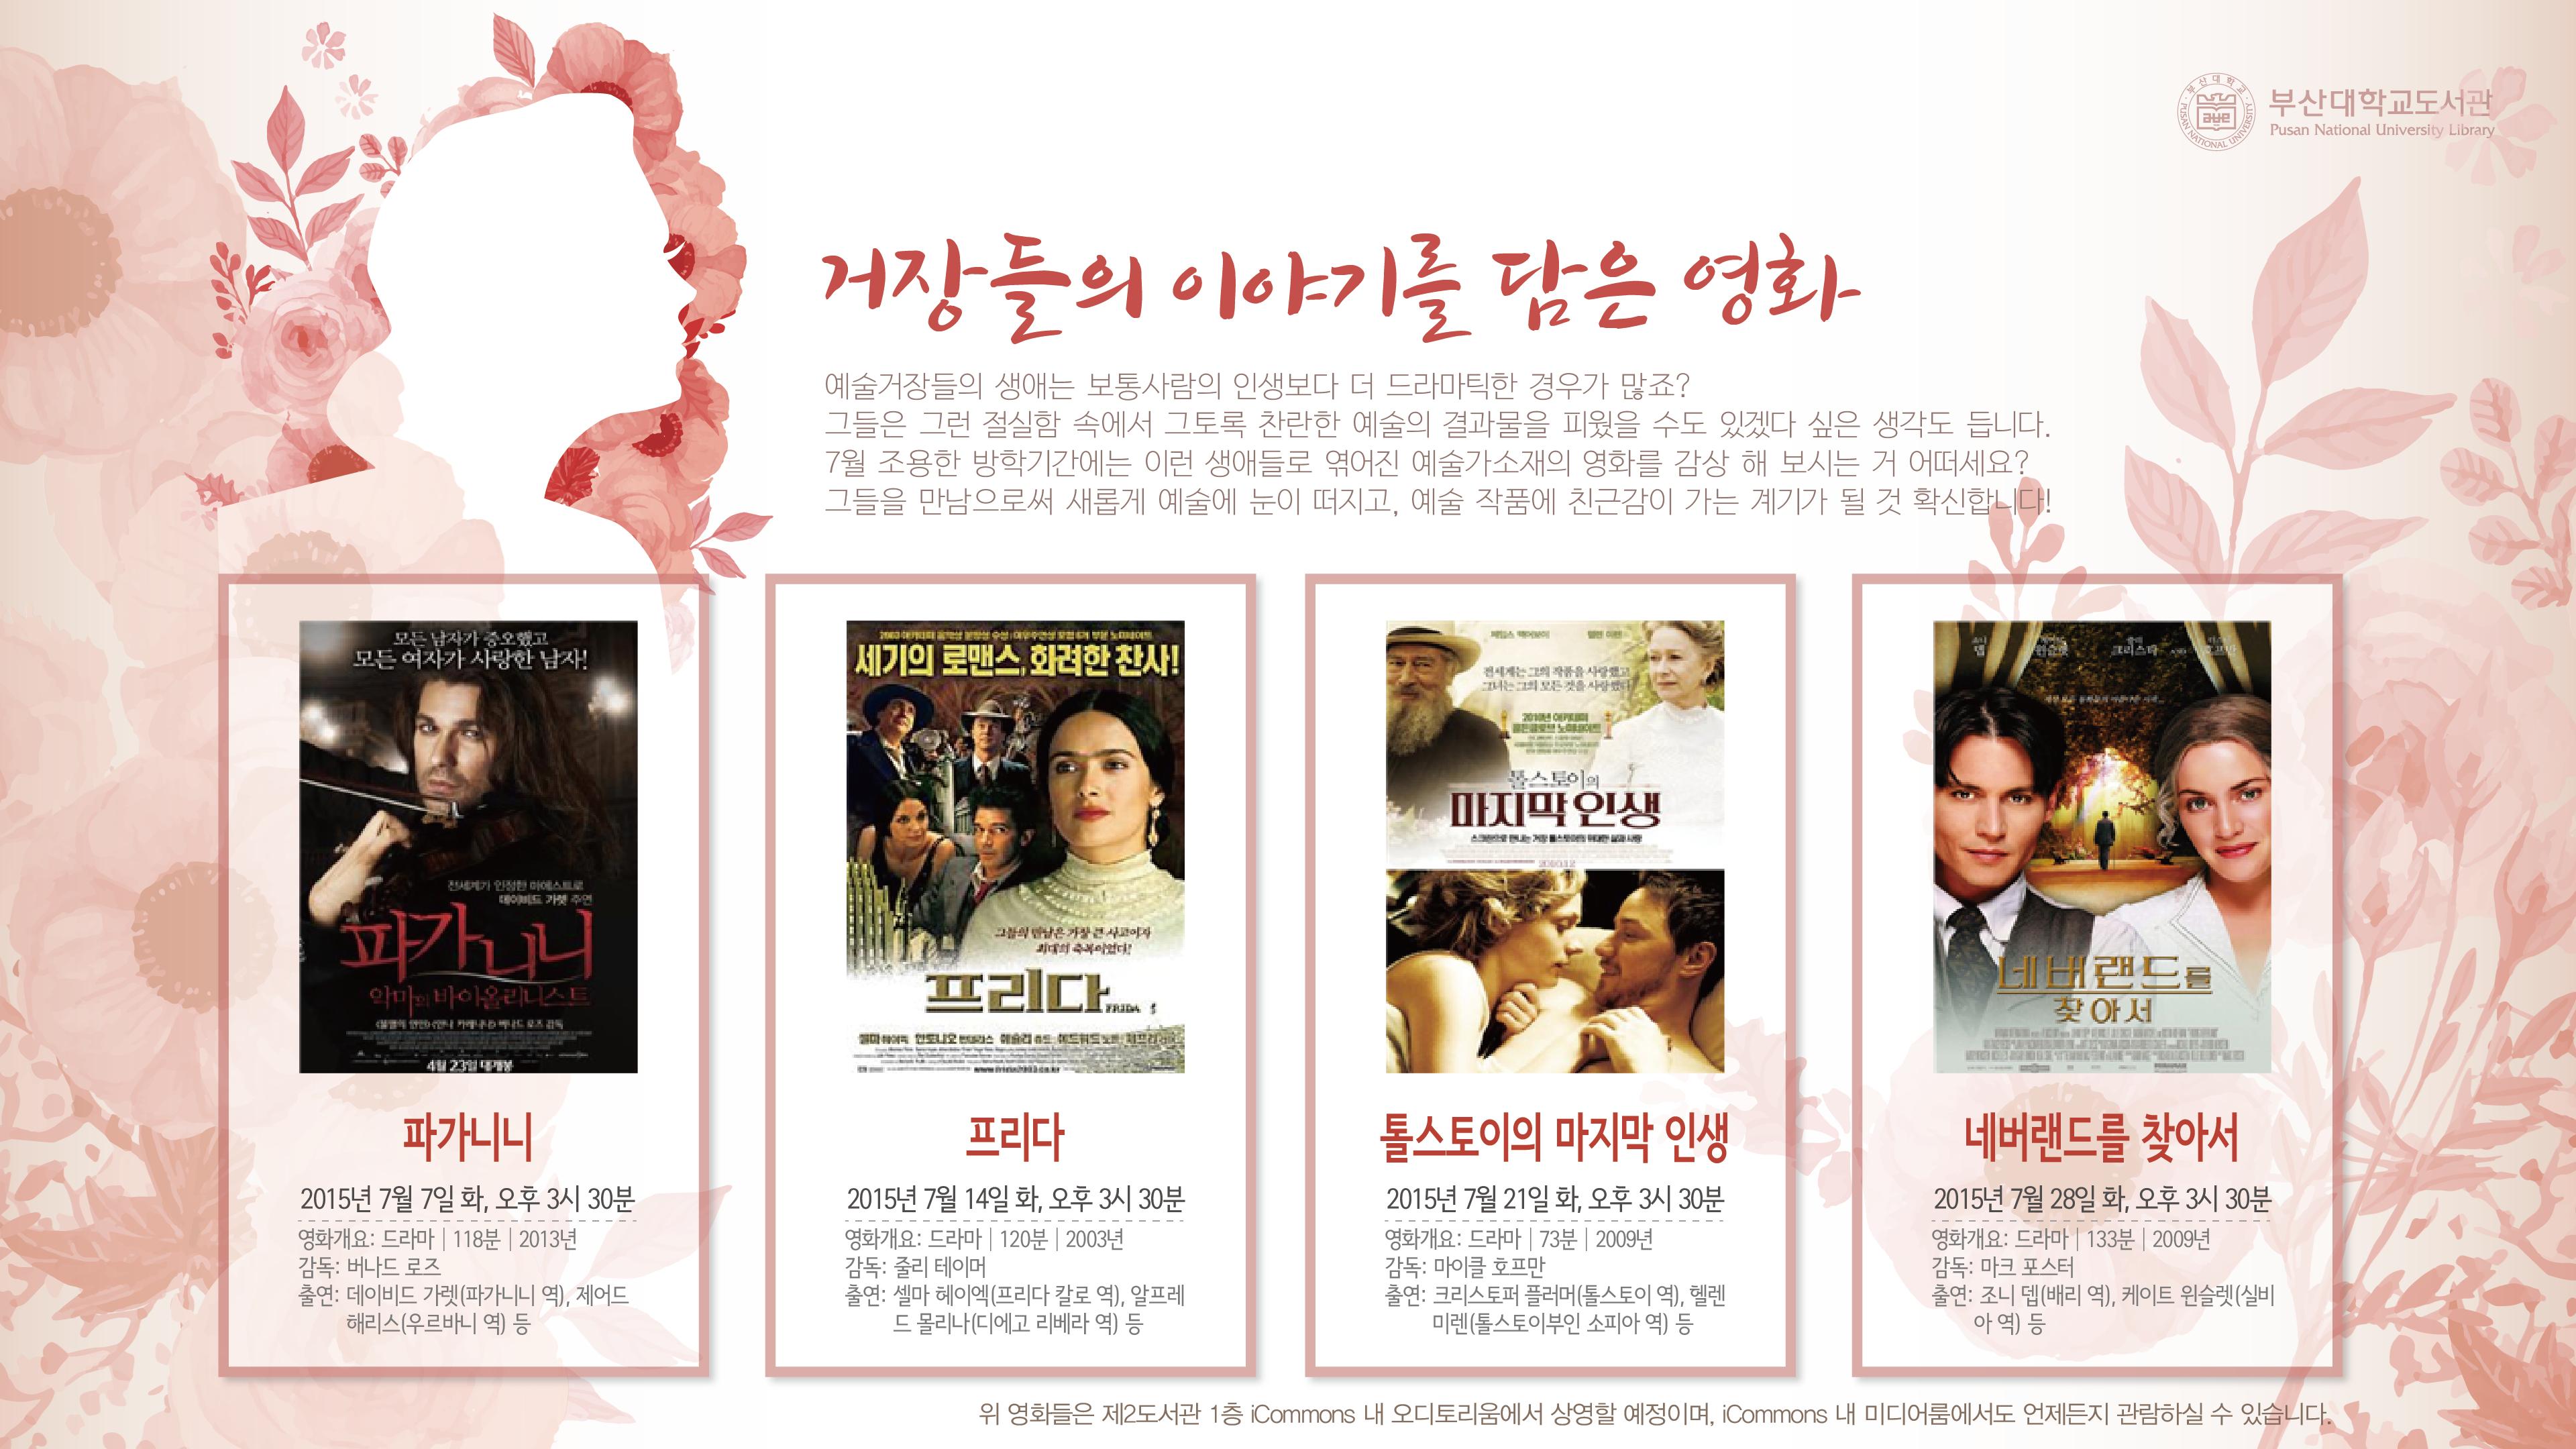 제2도서관 오디토리움 7월 영화상영 안내